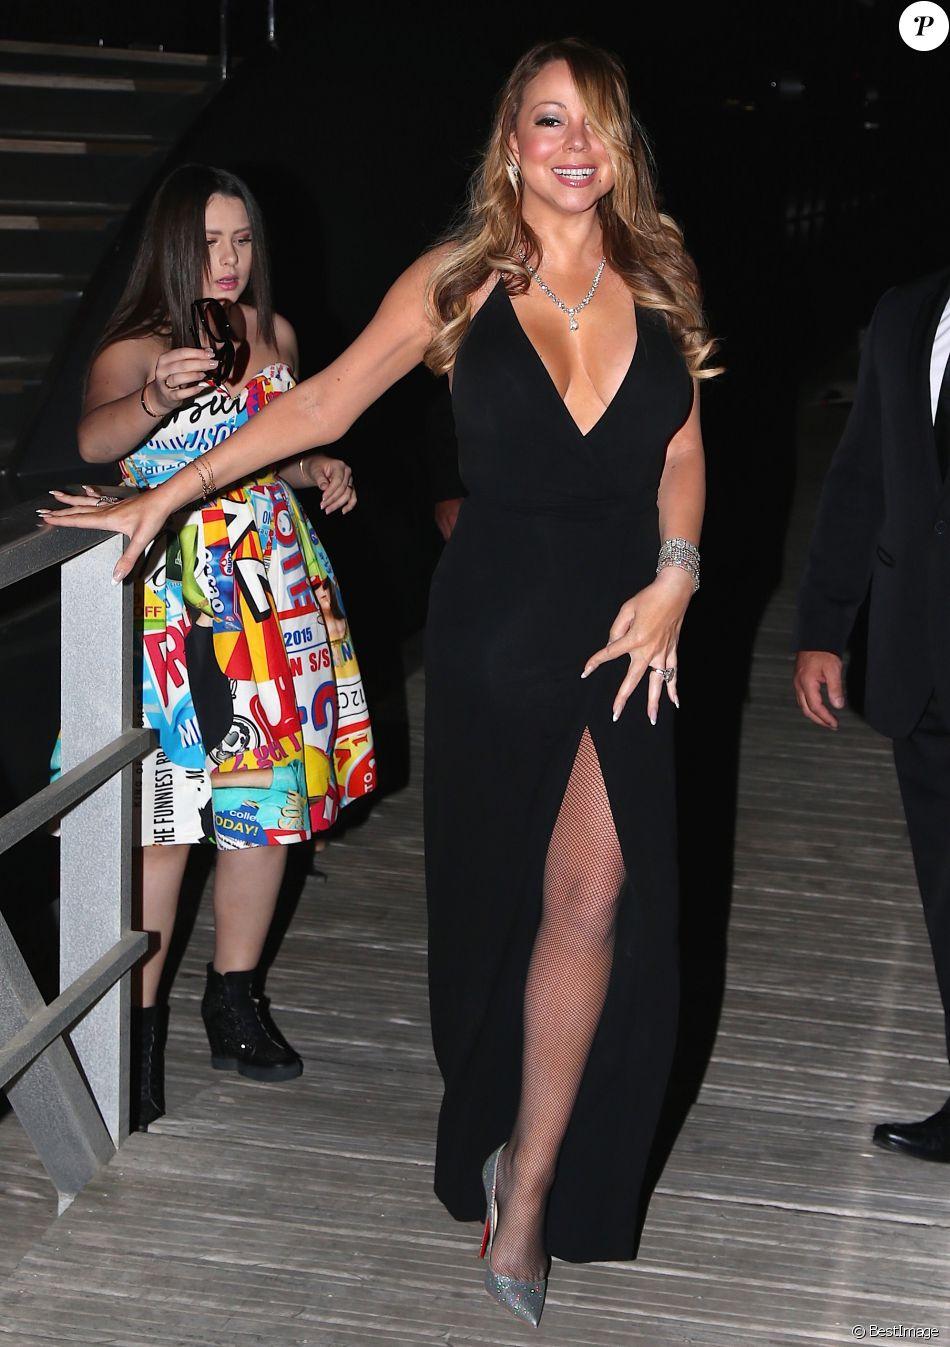 Mariah Carey - Arrivées aux Marines de Cogolin pour la soirée de la Fondation Leonardo DiCaprio à Saint-Tropez, France, le 20 juillet 2016. © Agence/Bestimage